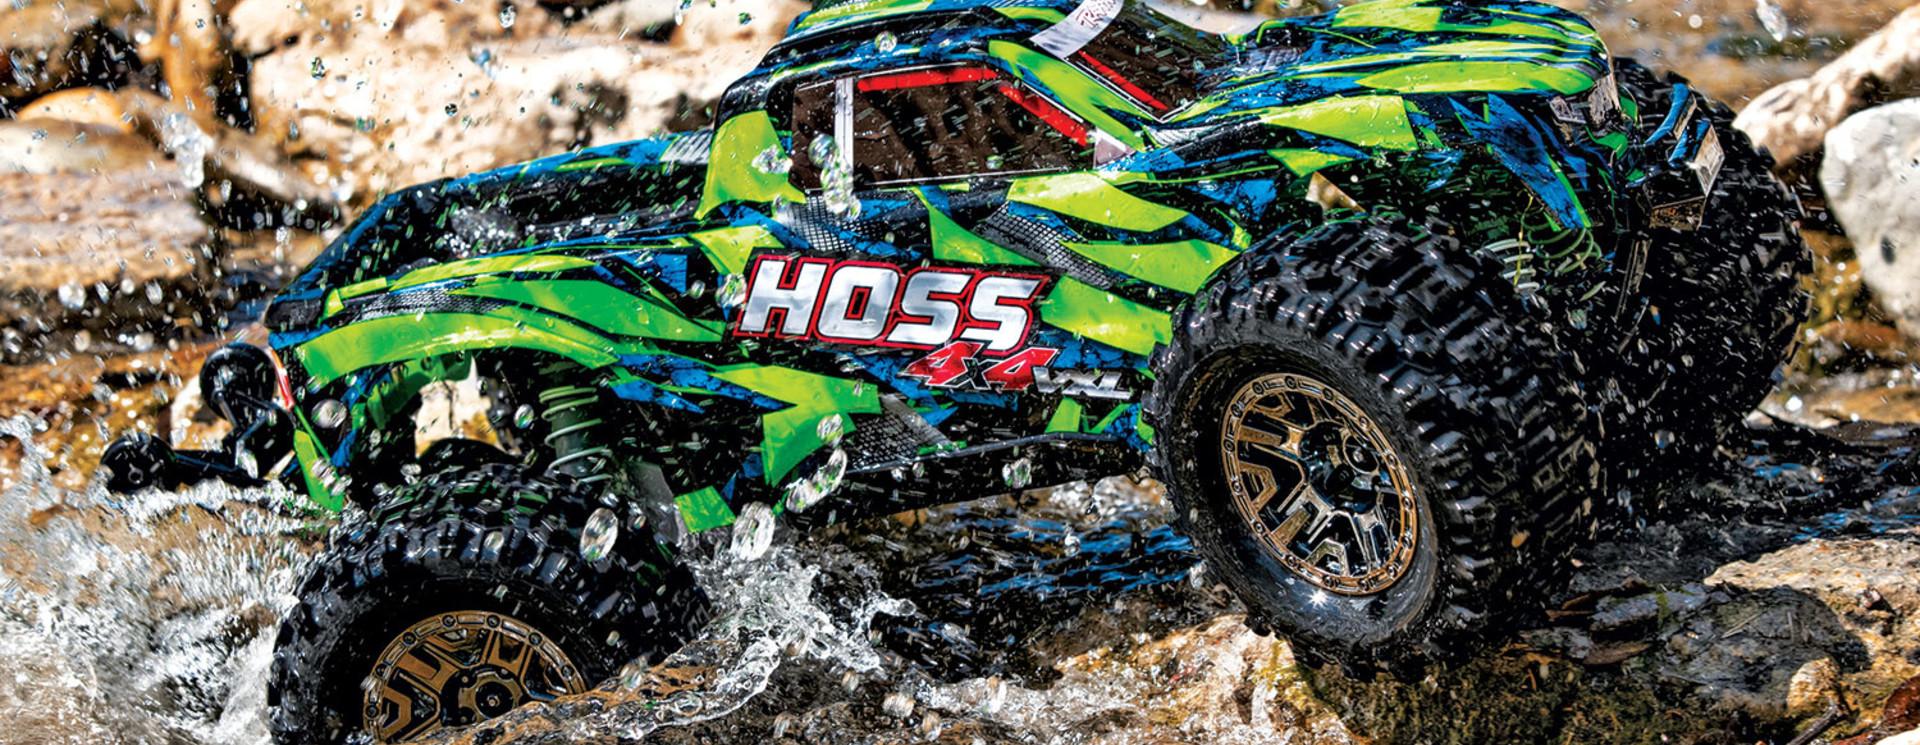 Parts Hoss 4x4 VXL